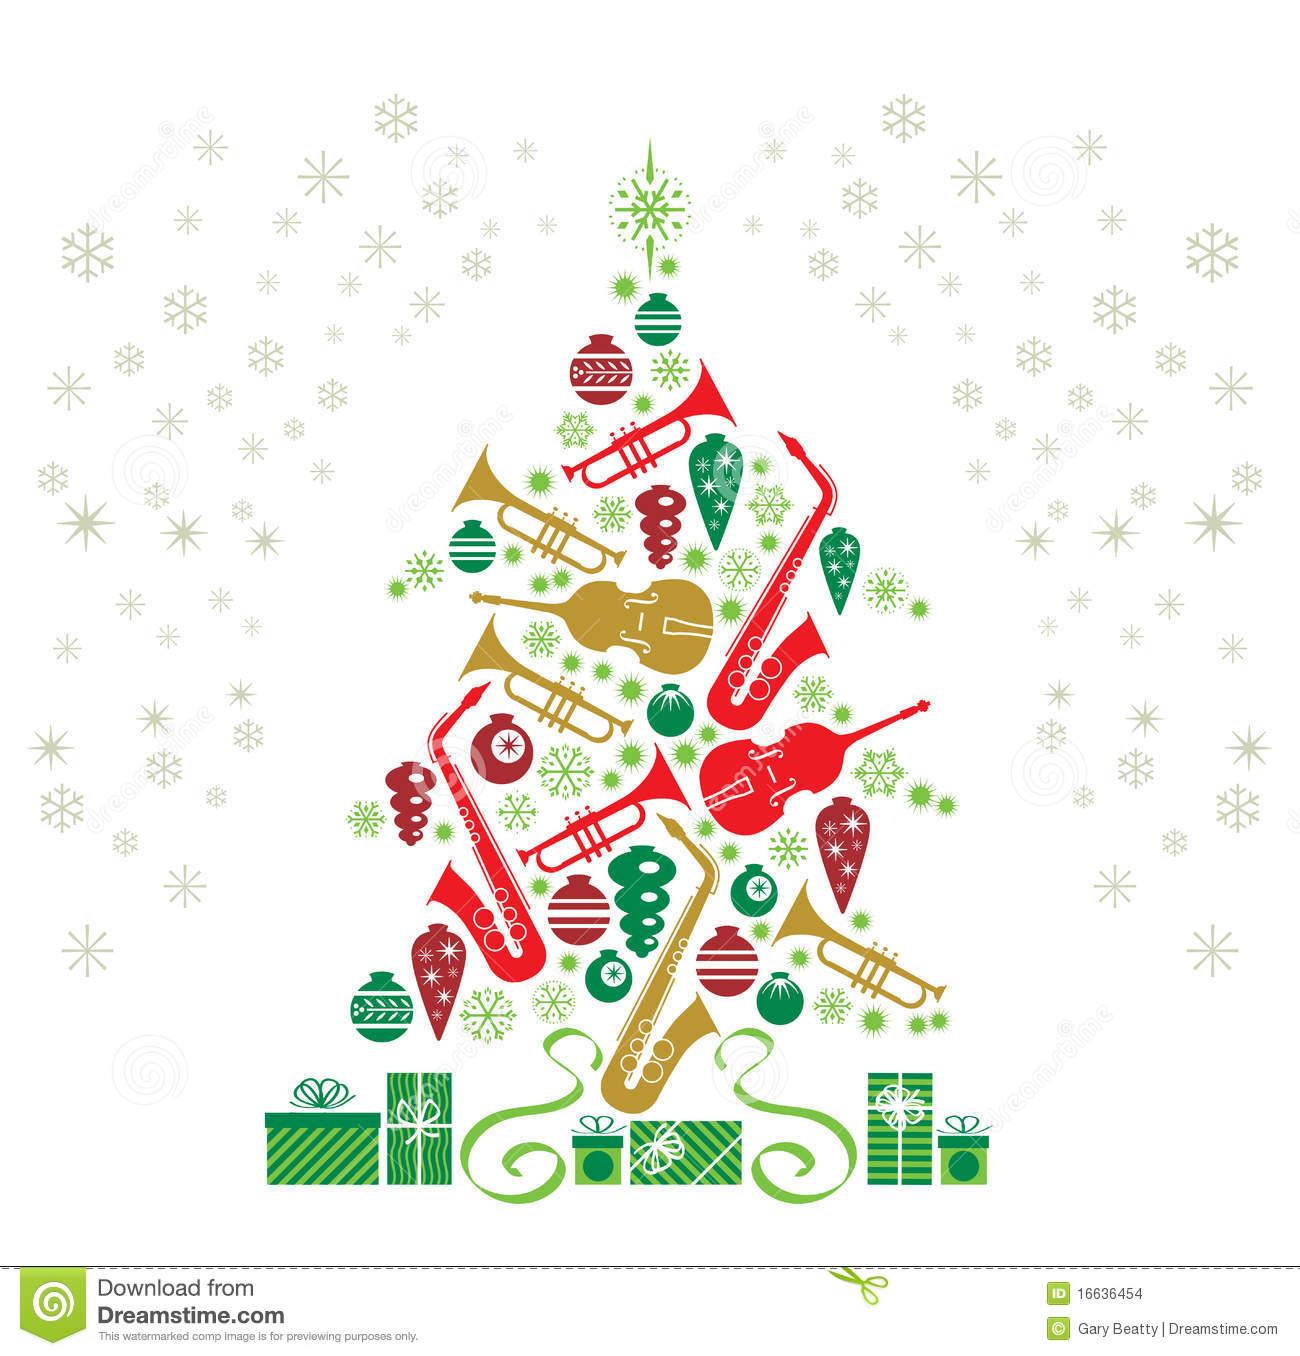 Christmas Tree Jazz stock illustration. Illustration of background.